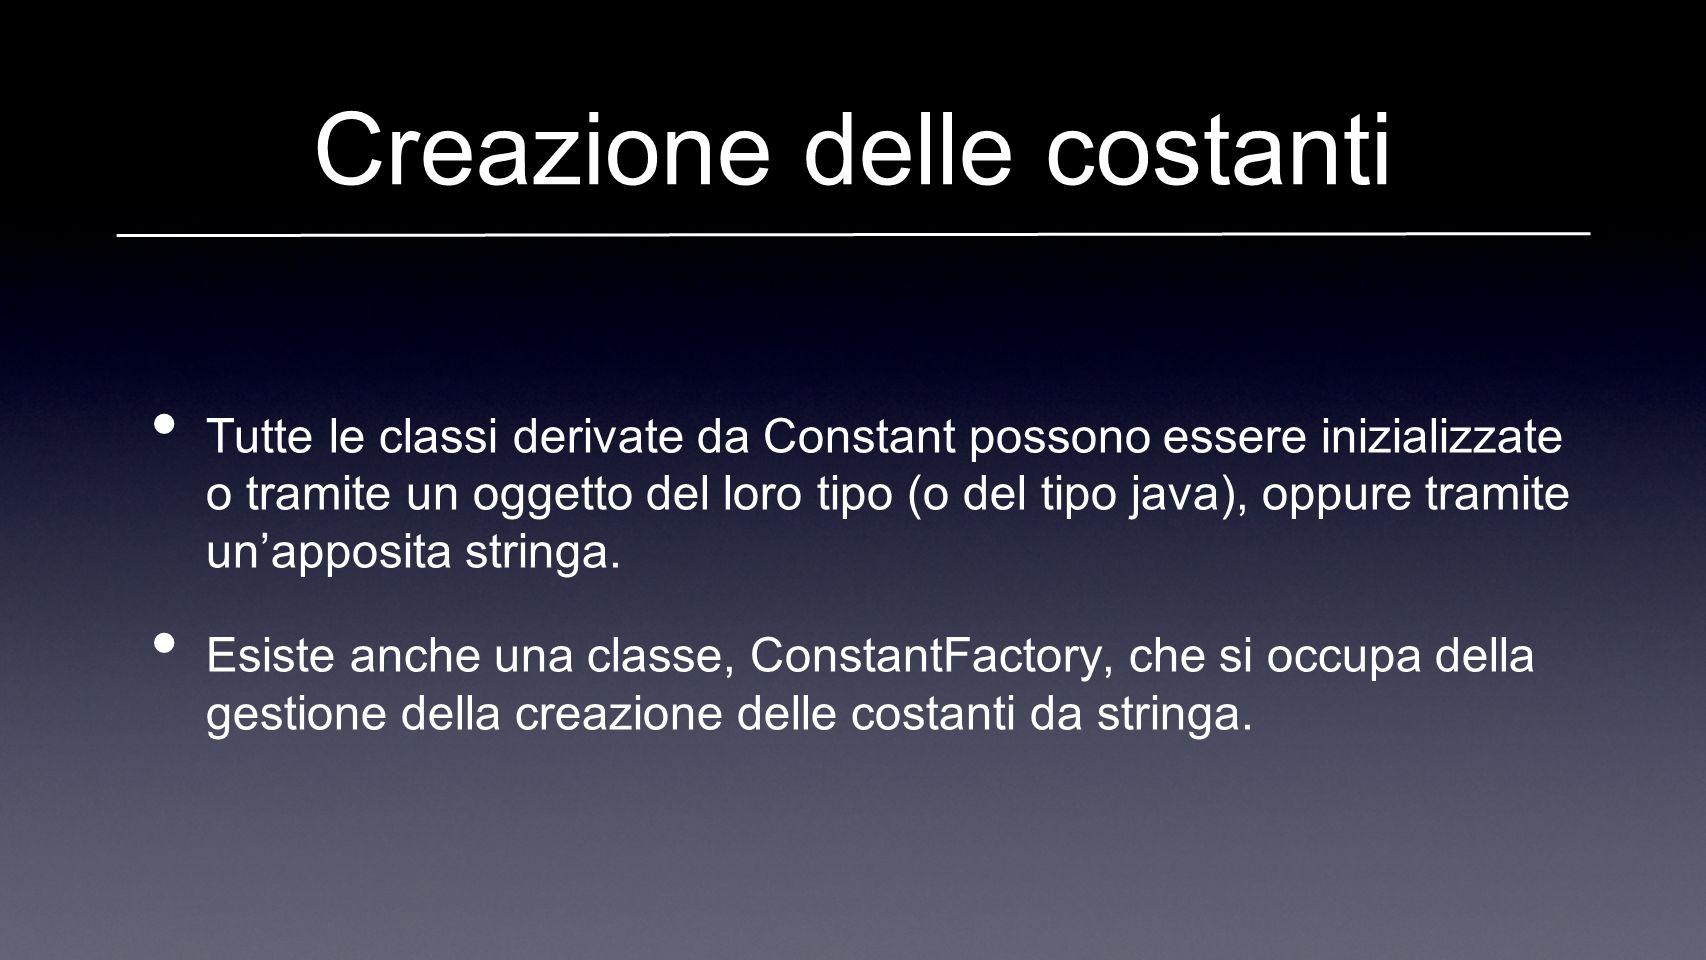 Creazione delle costanti Tutte le classi derivate da Constant possono essere inizializzate o tramite un oggetto del loro tipo (o del tipo java), oppure tramite unapposita stringa.